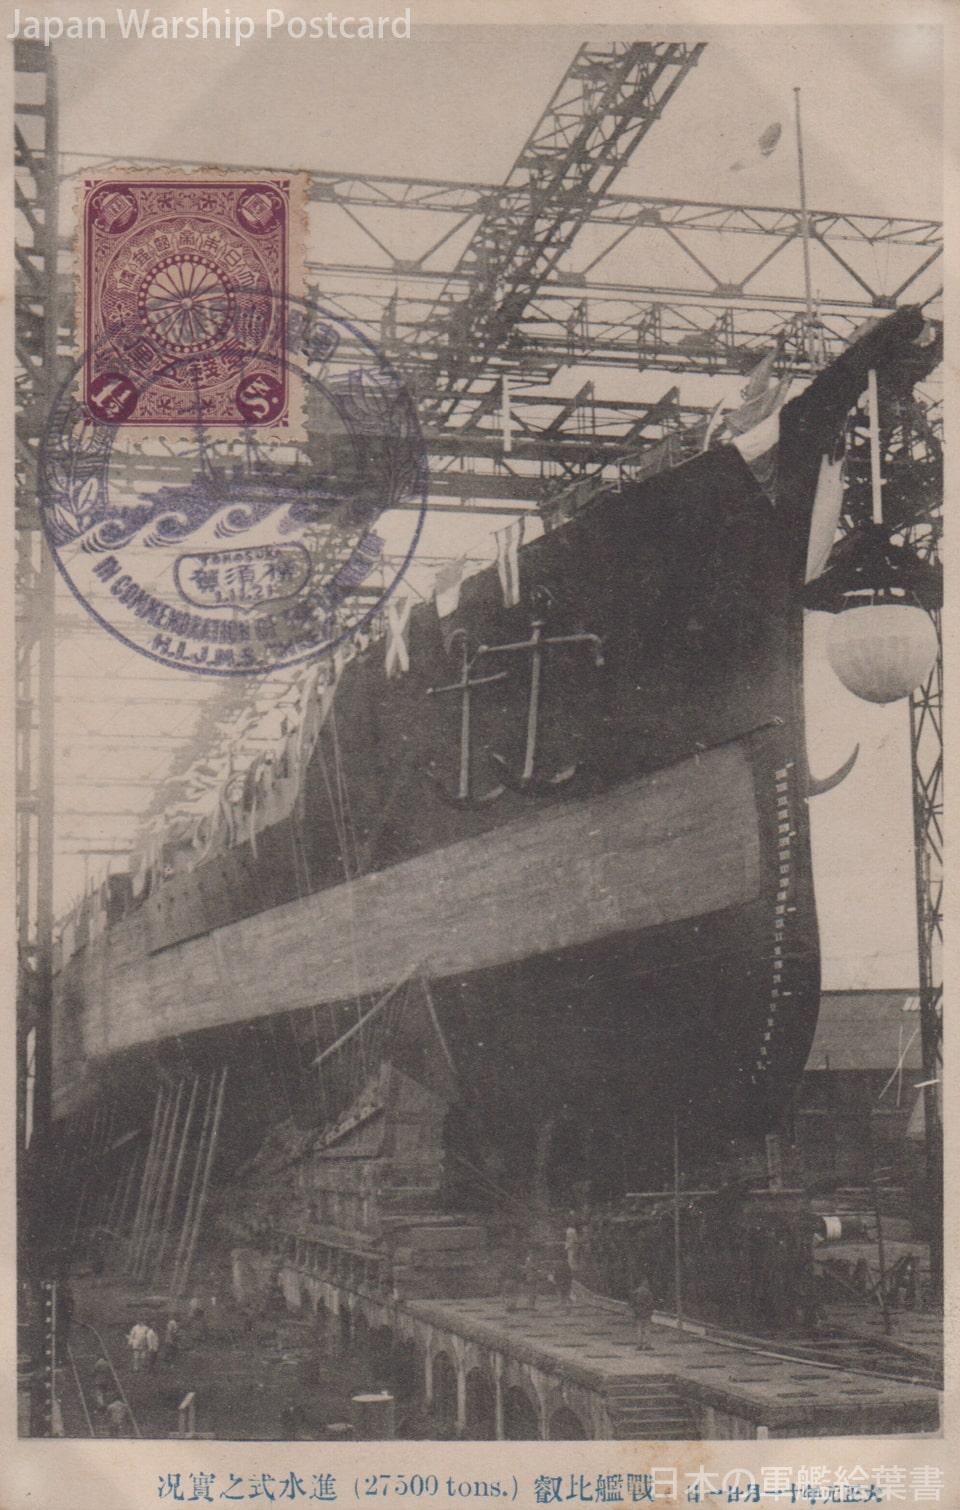 戦艦比叡(27500tons.)進水式之実況